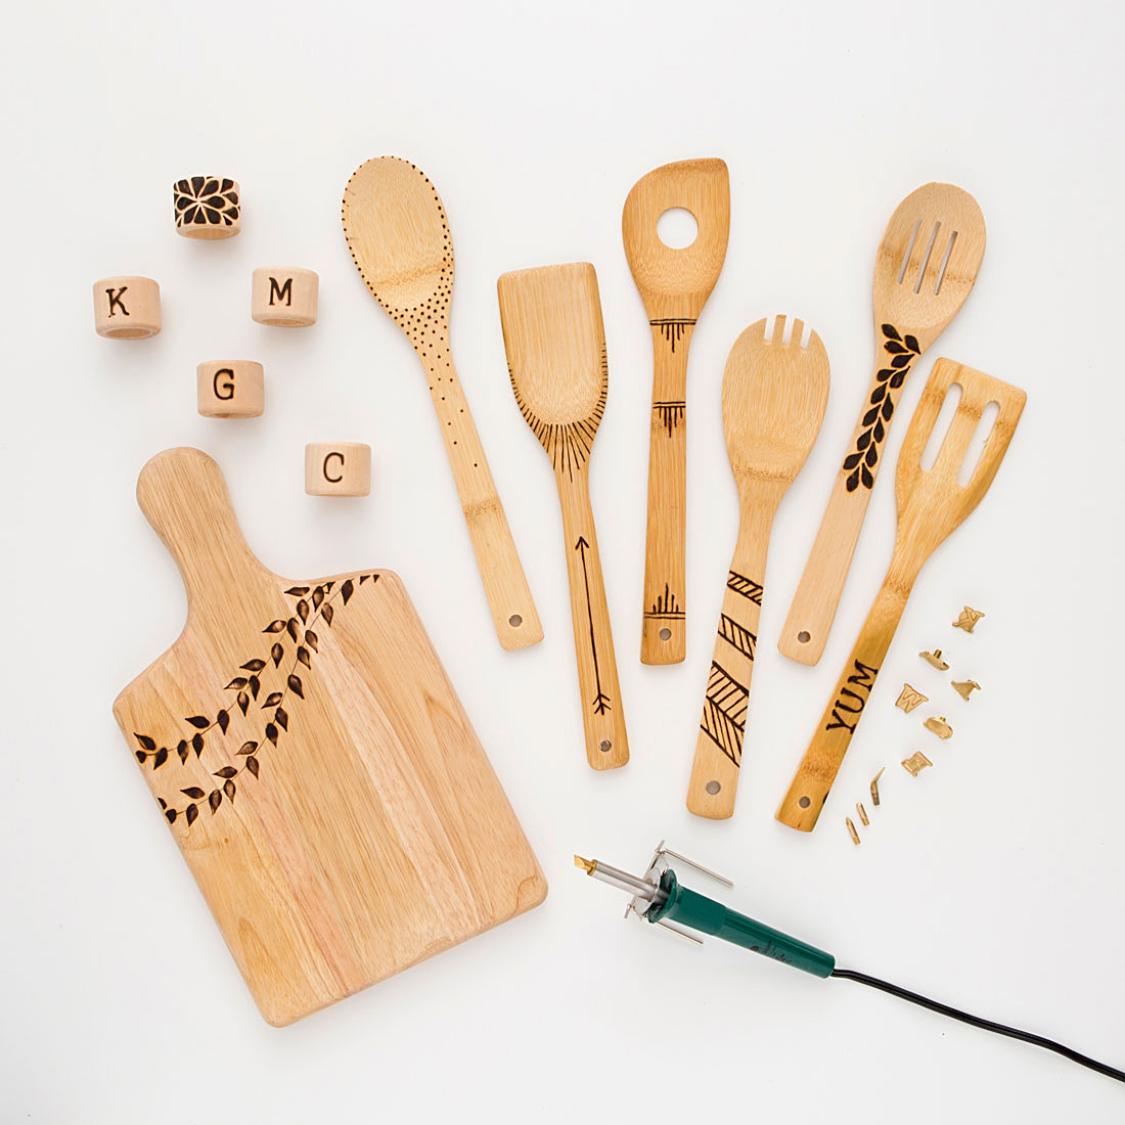 Artesanato em madeira da cozinha com pirografo